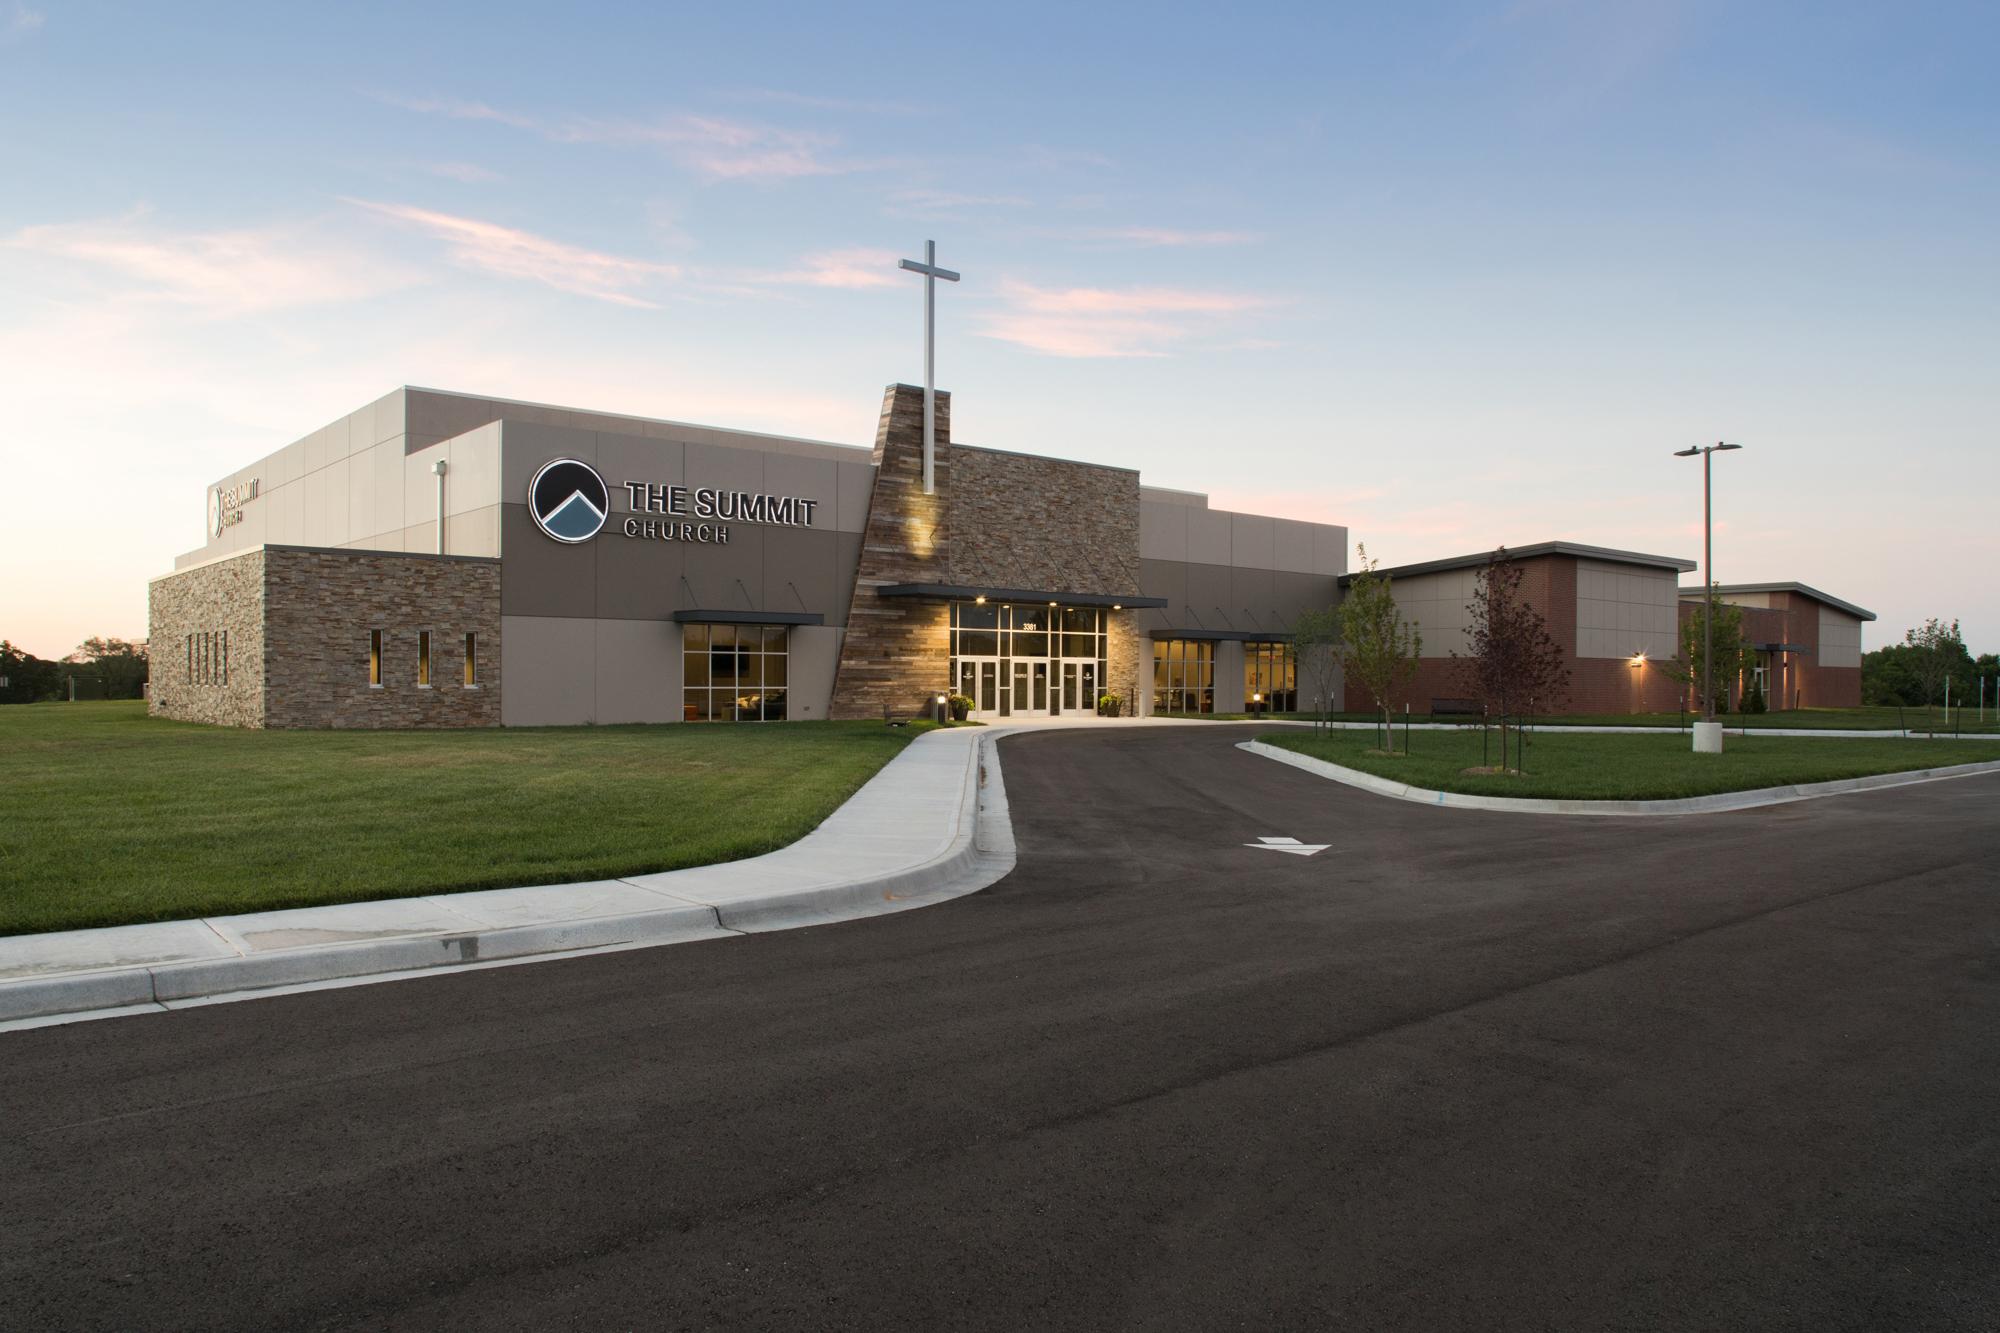 The Summit Church, Lee's Summit, Missouri